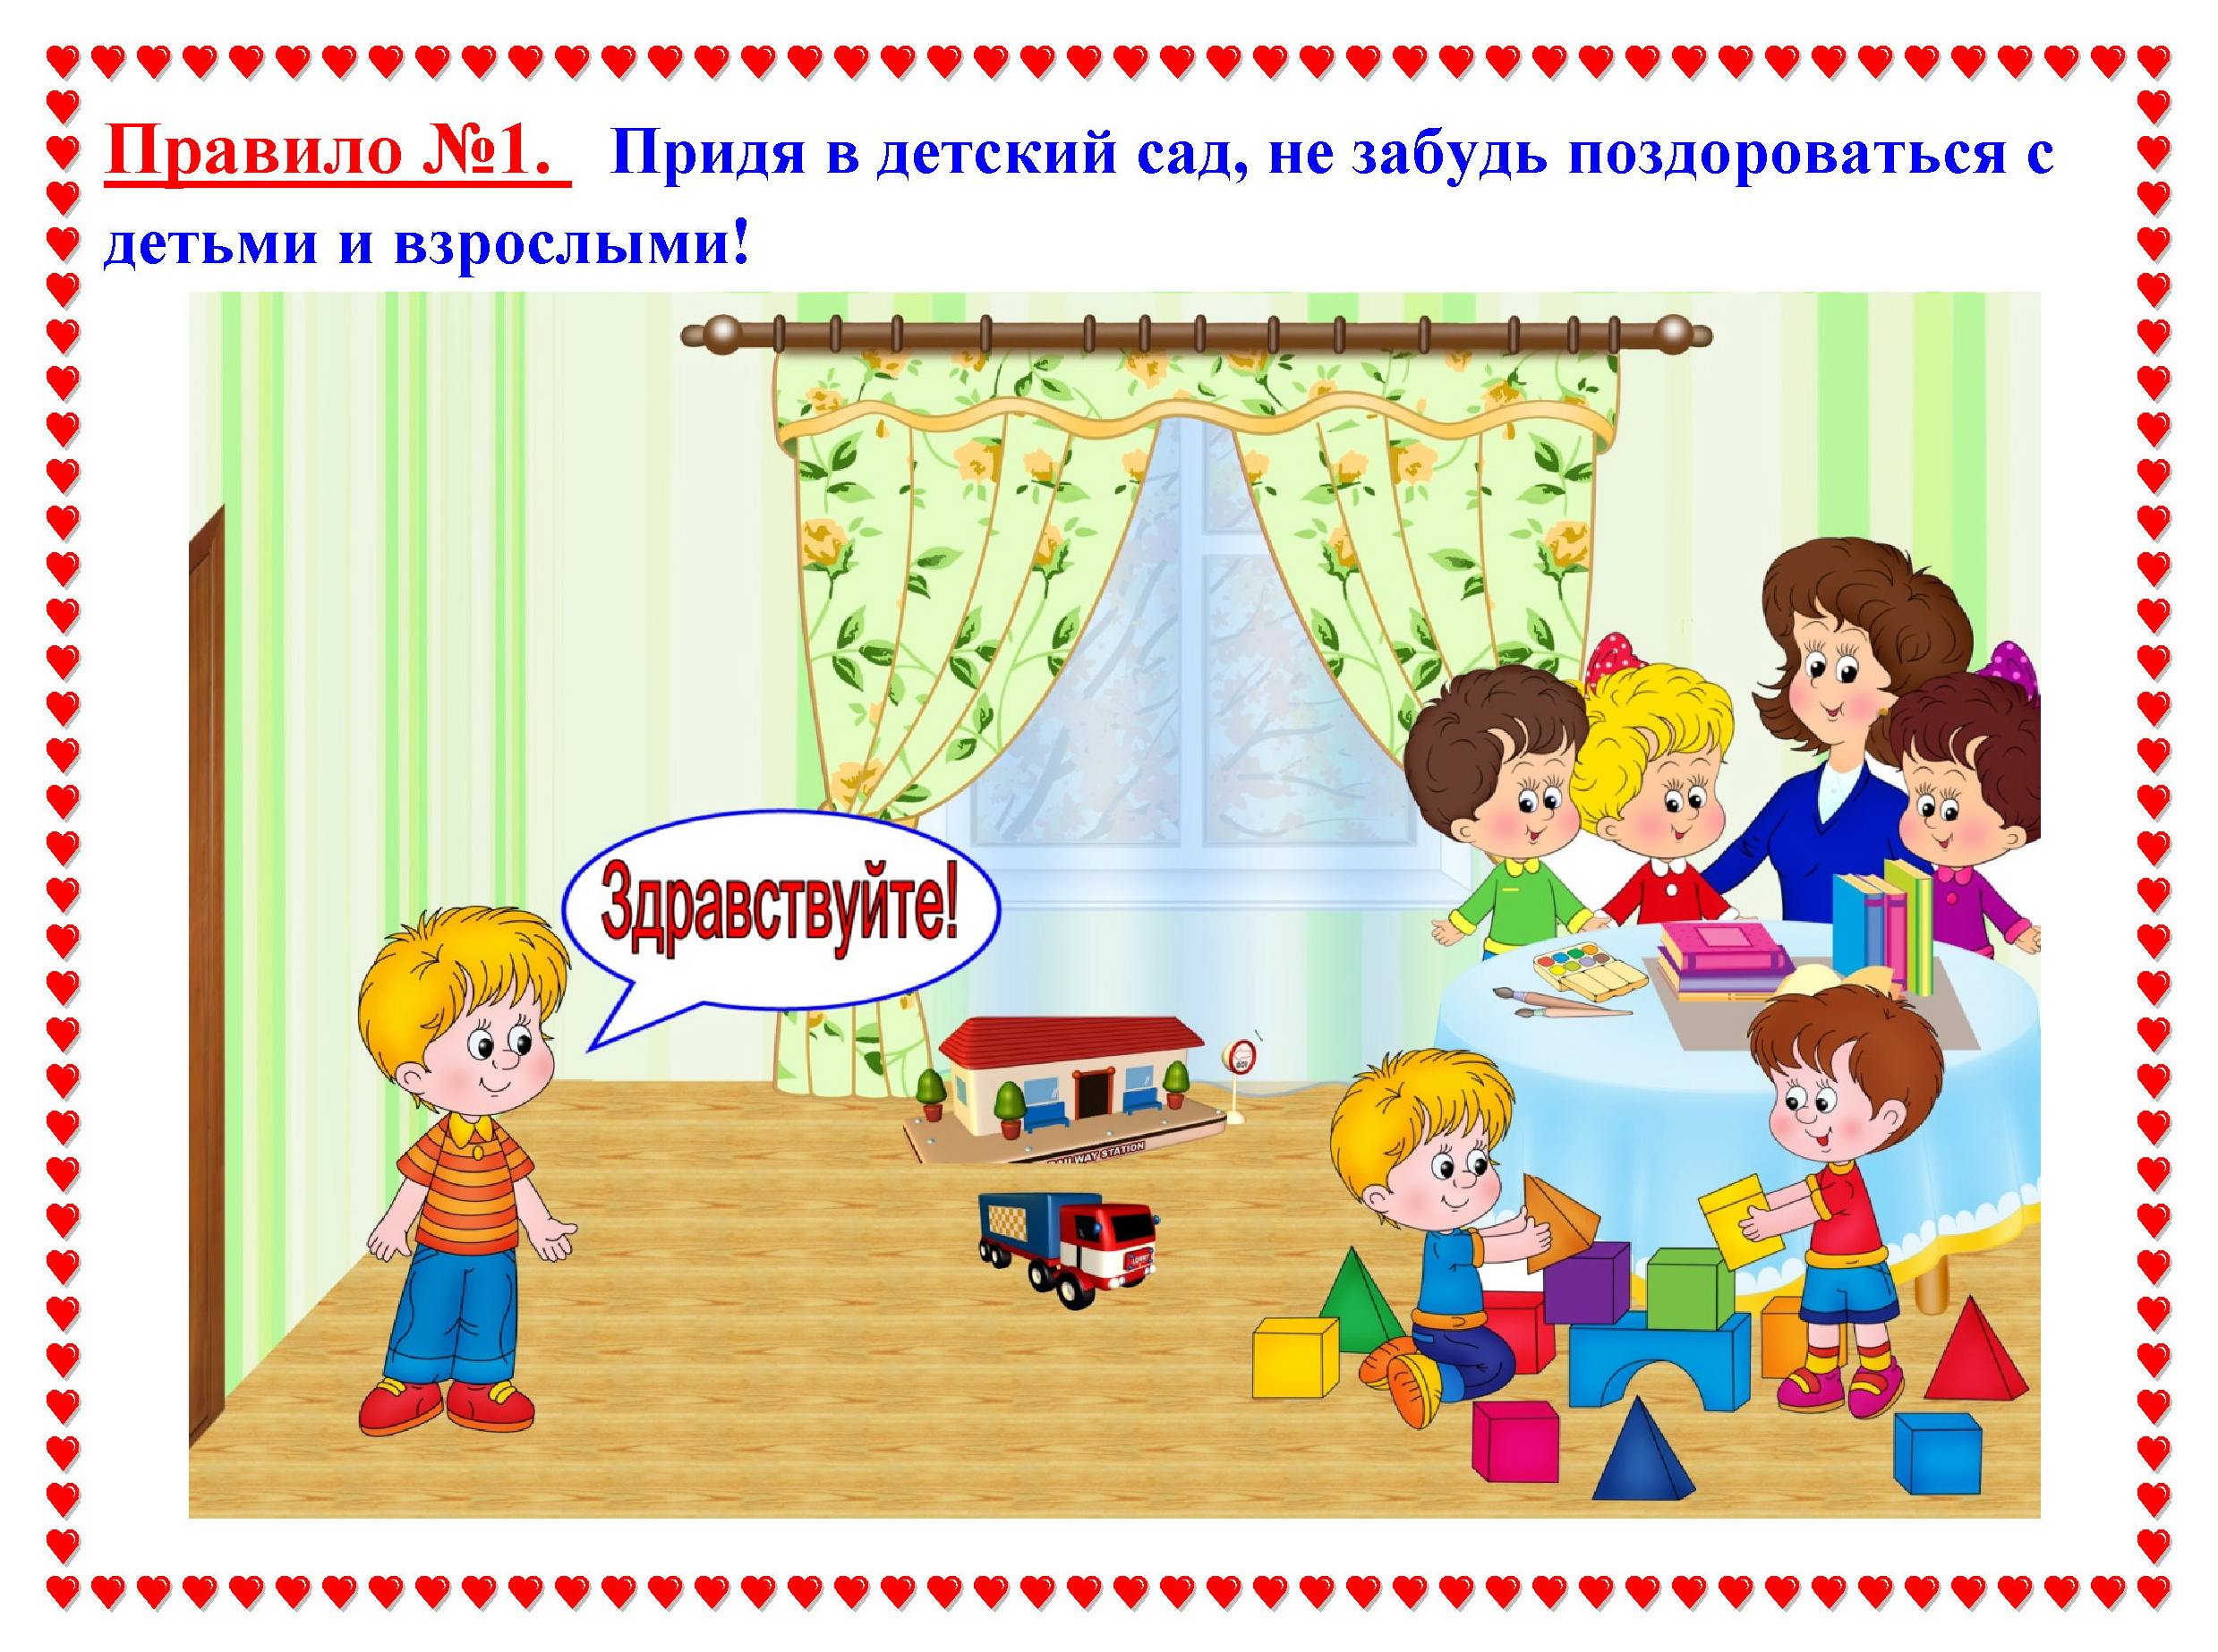 Алгоритм дежурства в детском саду в картинках